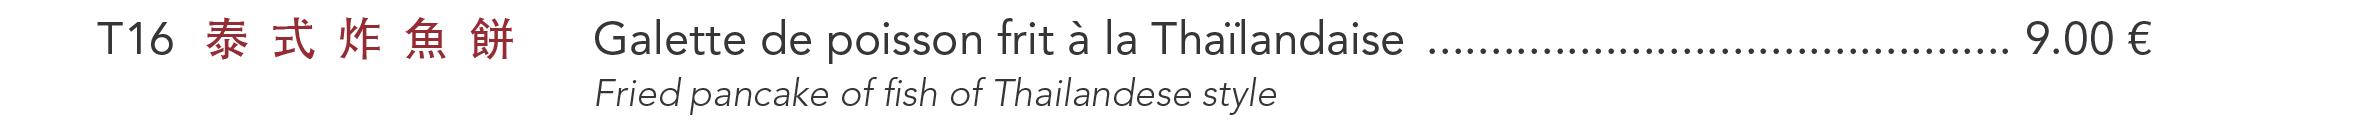 T16 - Galette de poisson frit à la Thaïlandaise